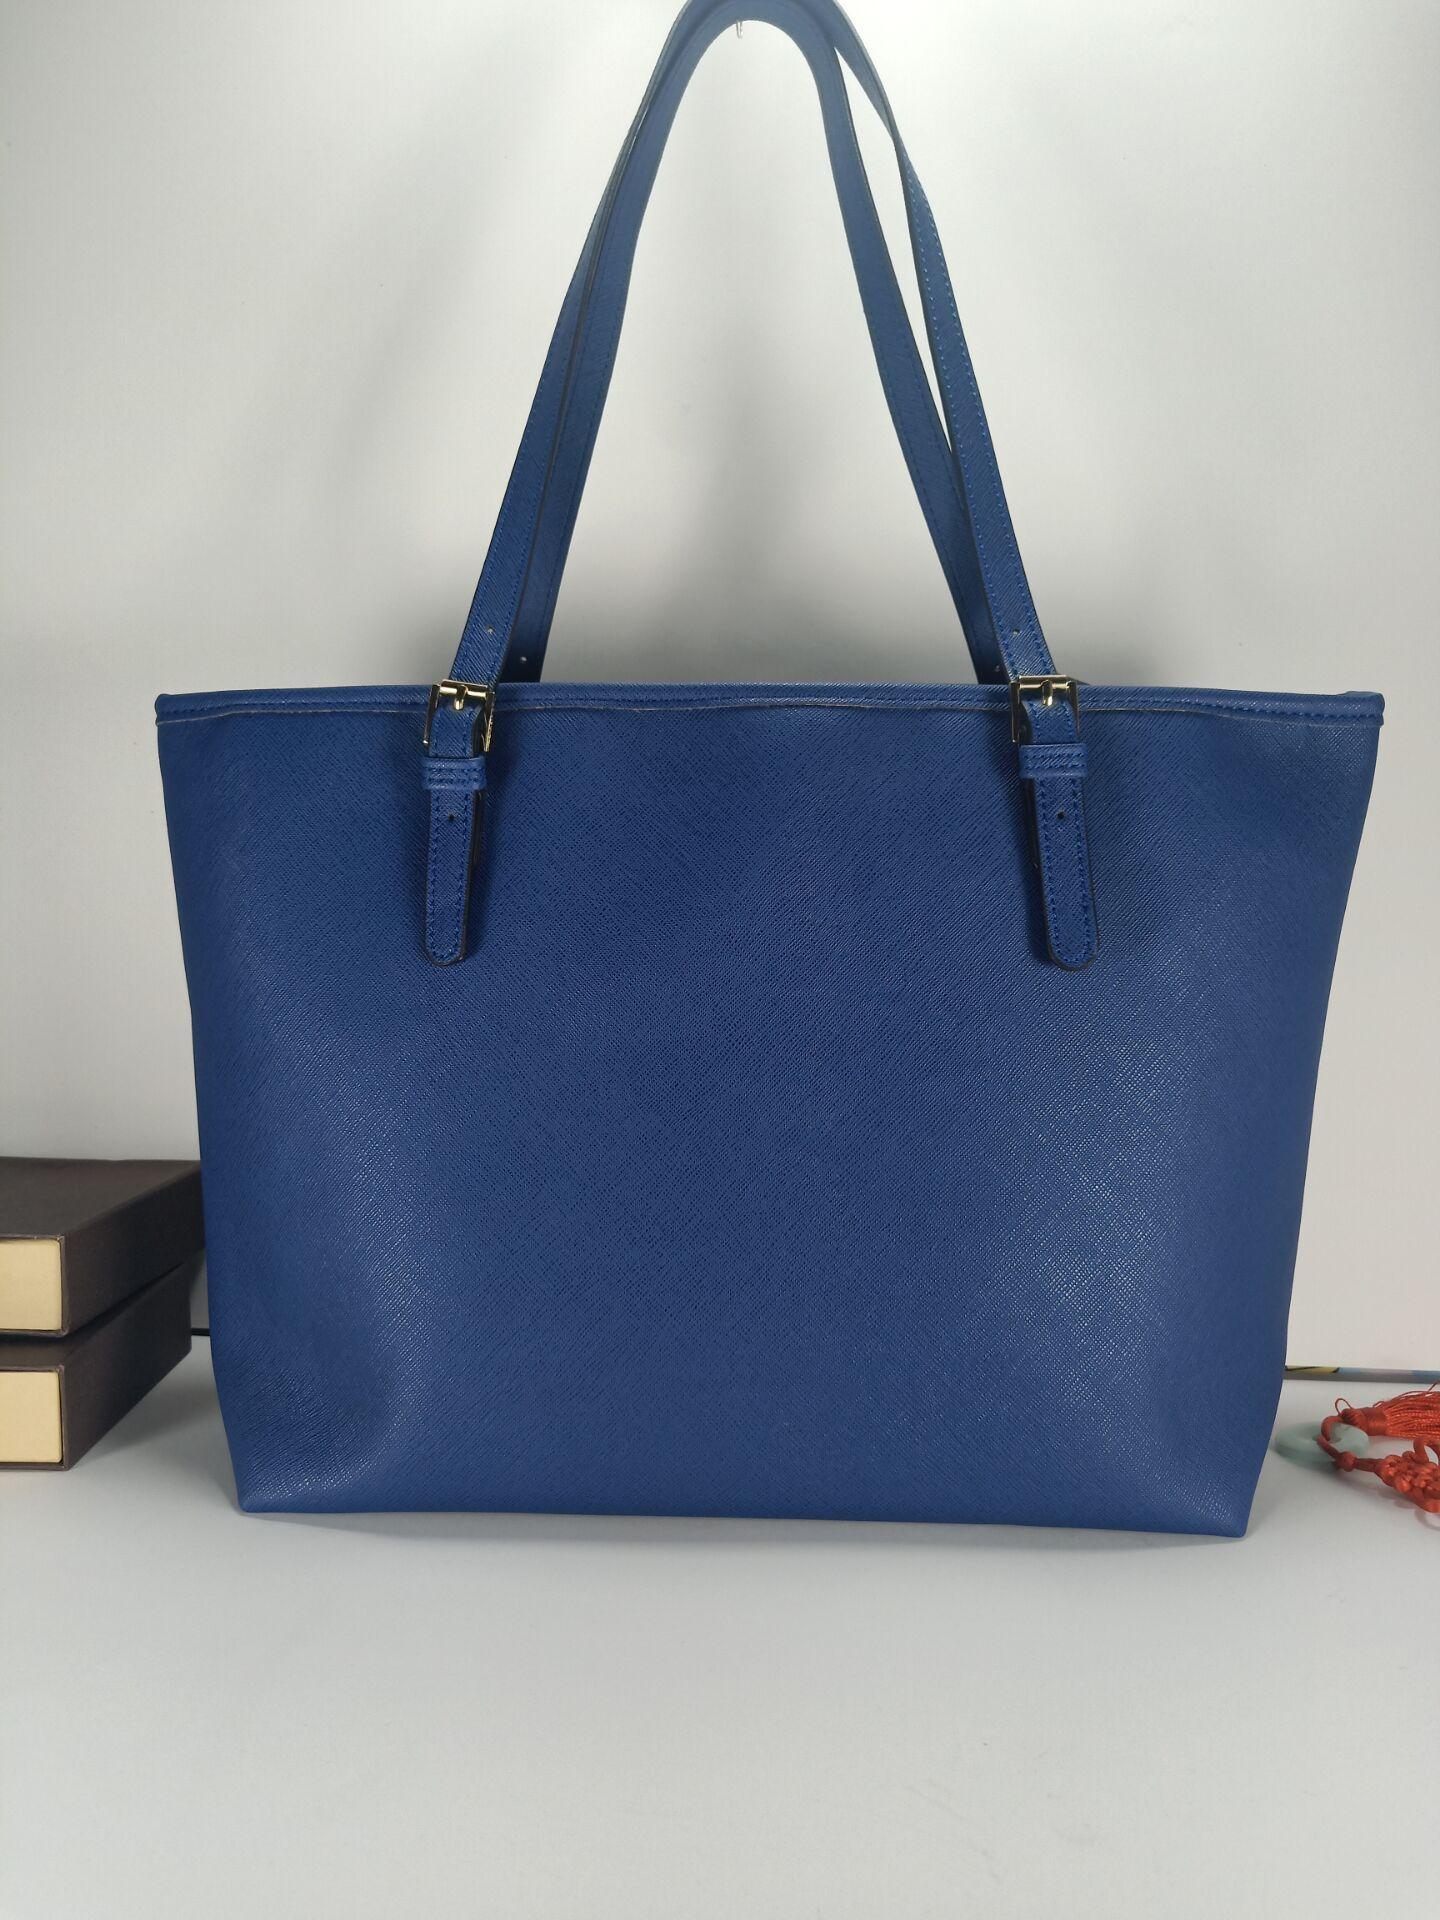 PU de las señoras de cuero de diseño de las n bolso compuesto bolsa de embrague bolso de la señora hombro del totalizador del monedero femenino alto qulity envío libre 6820